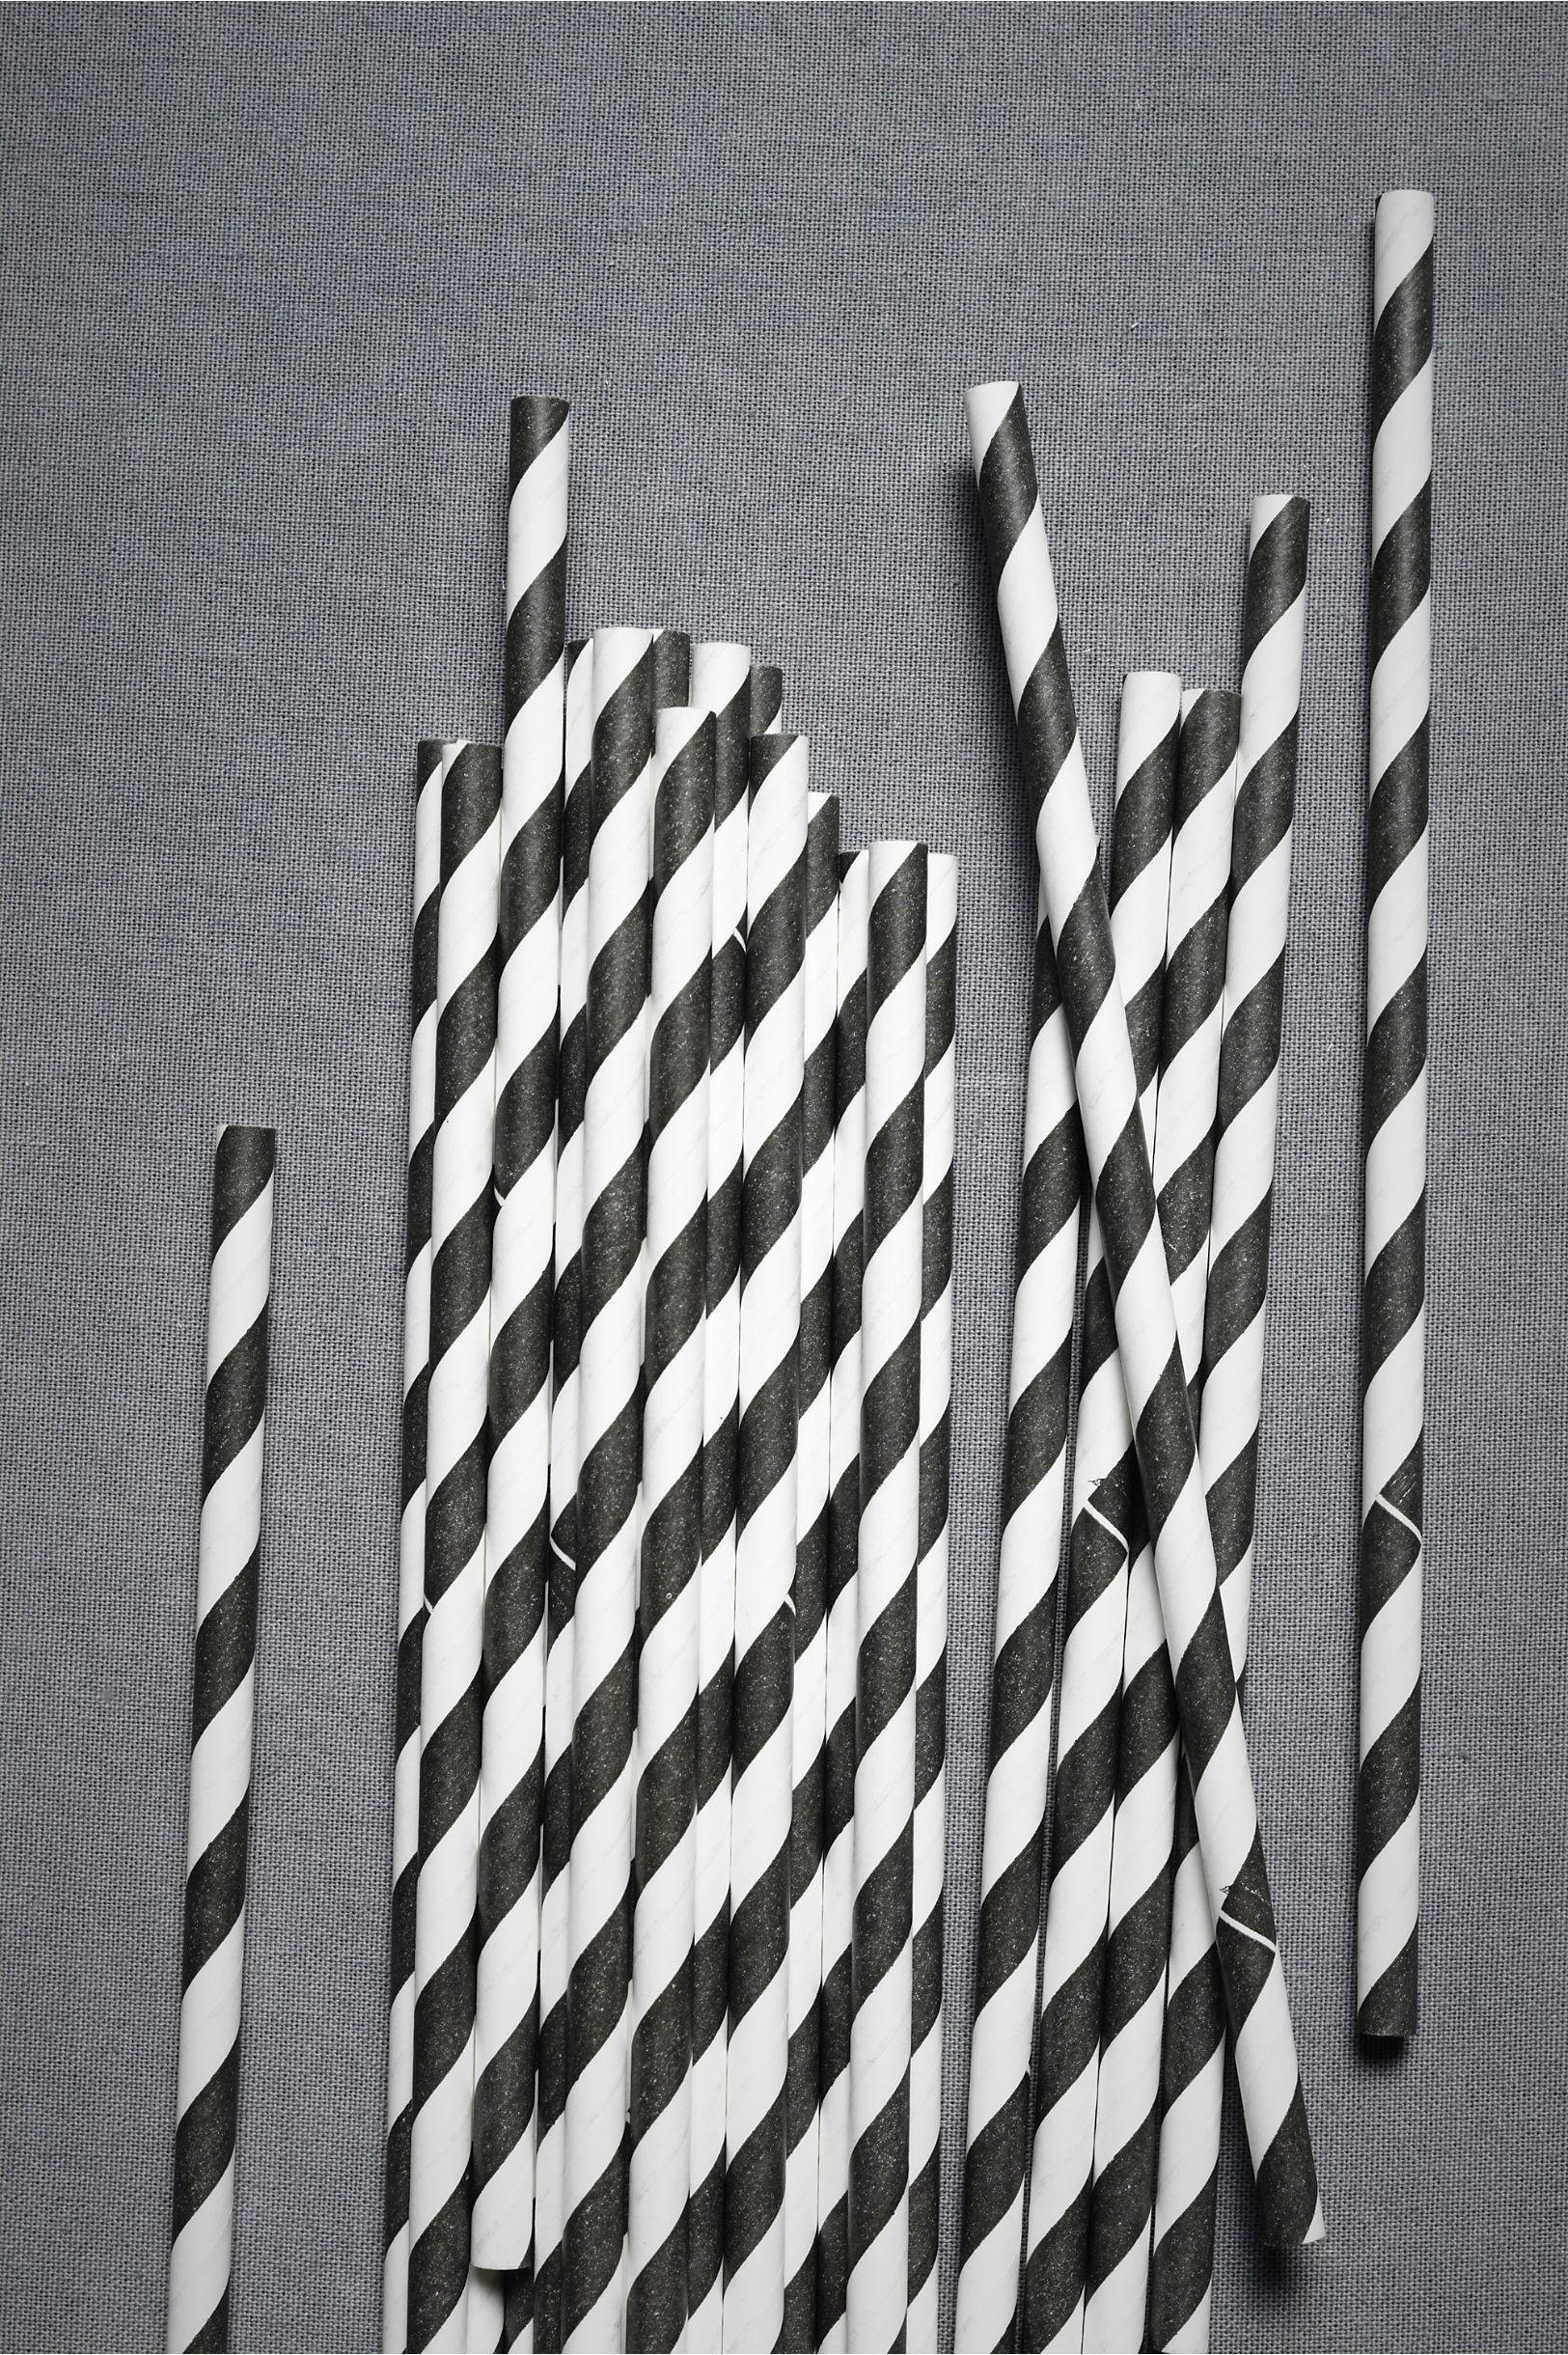 Spiraled Shoppe Straws (25) From Bhldn